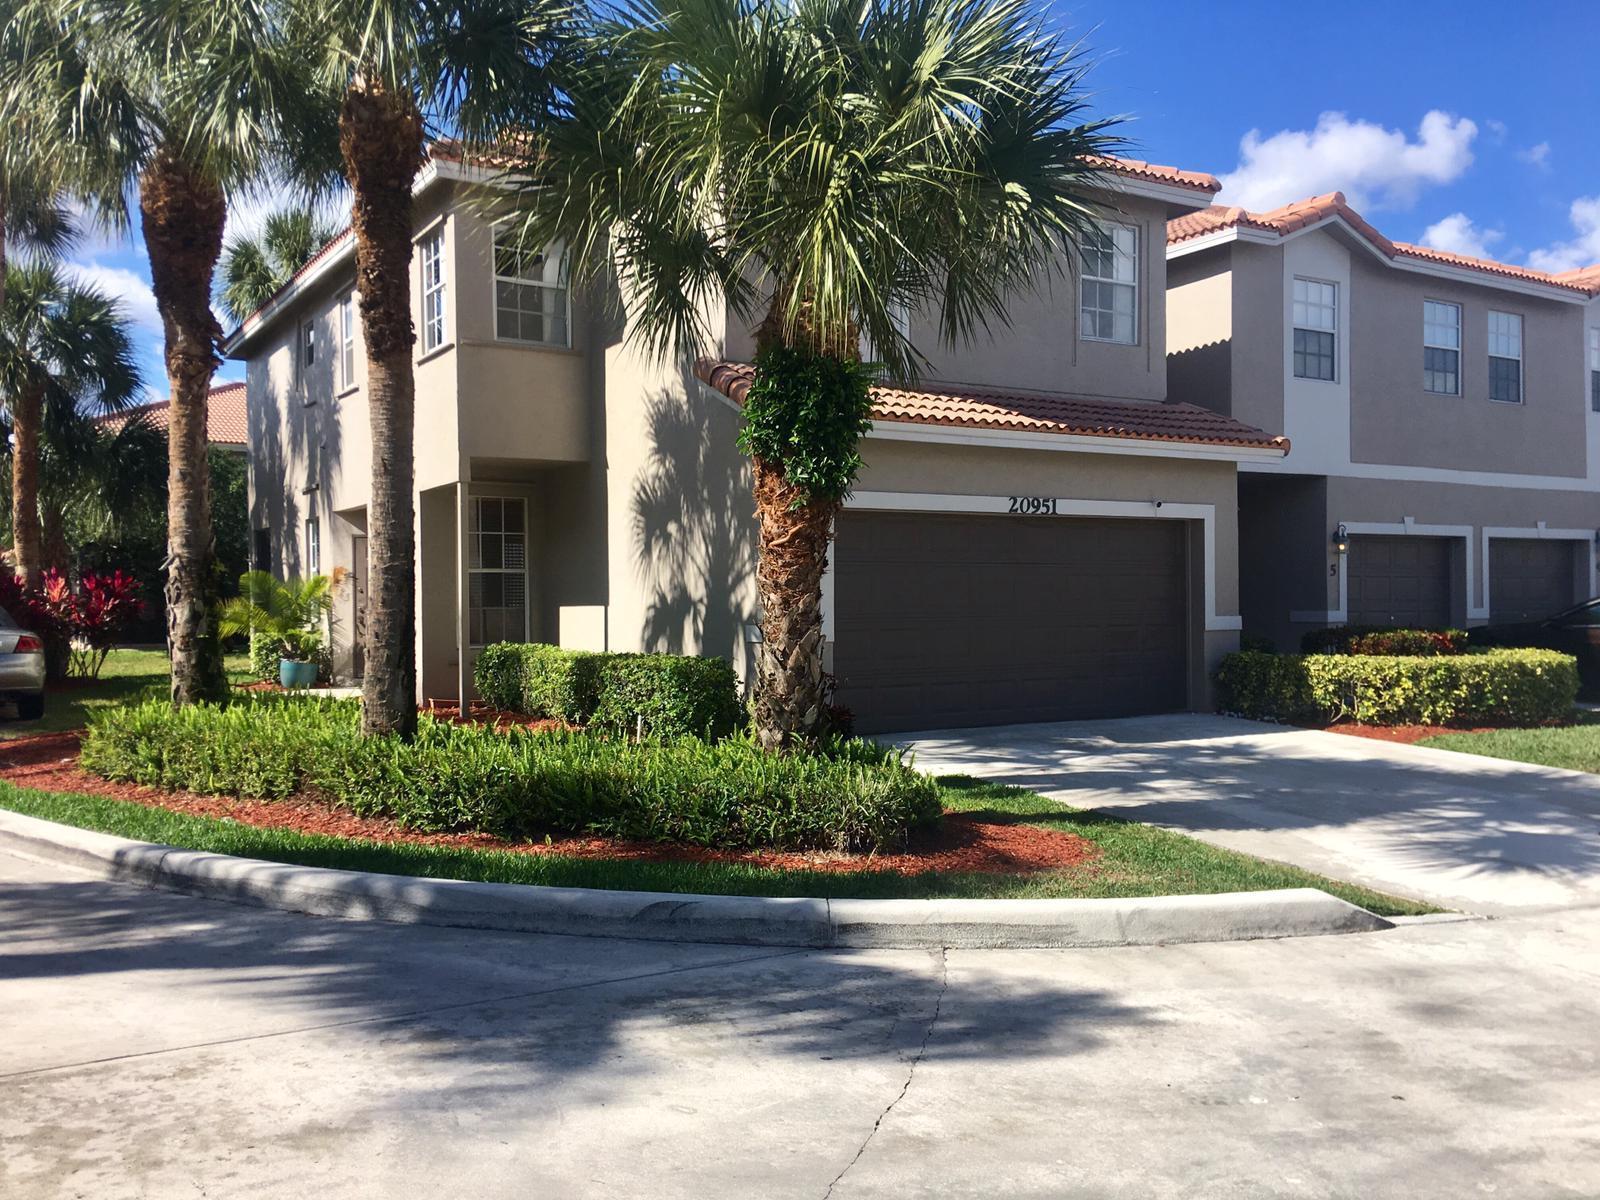 20951 Via Azalea, Boca Raton, Florida 33428, 4 Bedrooms Bedrooms, ,2.1 BathroomsBathrooms,Townhouse,For Sale,Las Flores,Via Azalea,RX-10495897